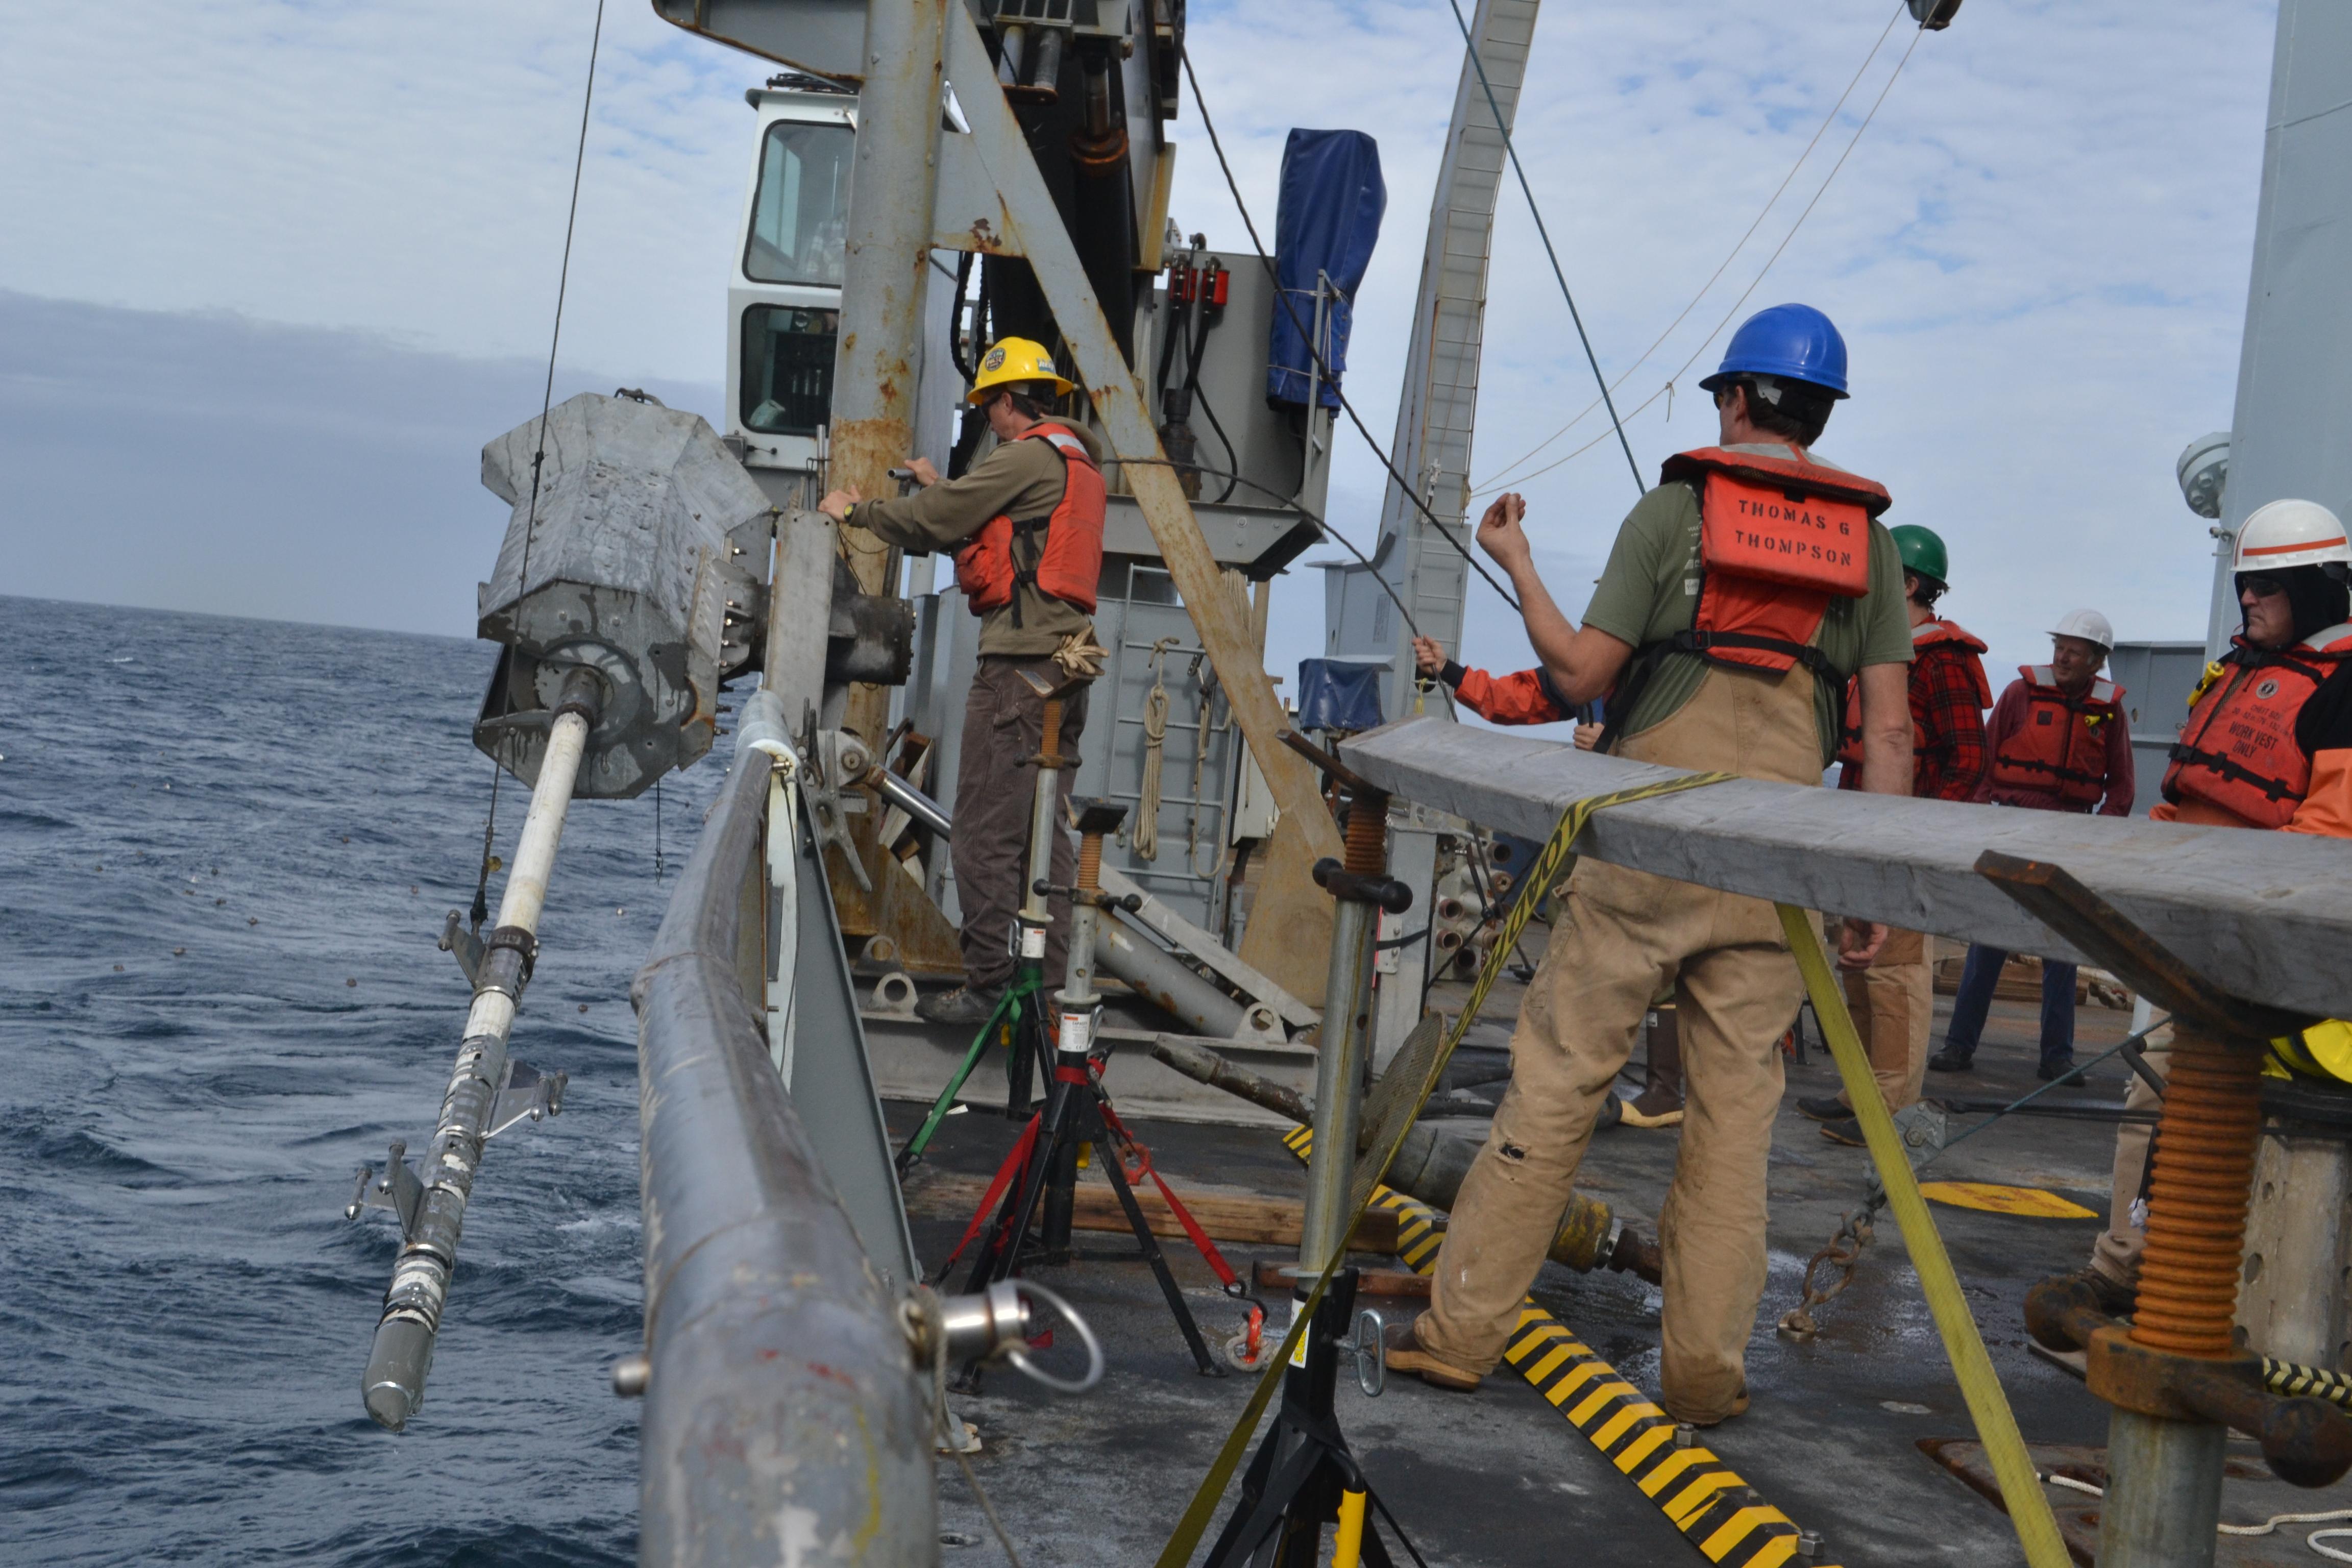 Investigadores recogiendo muestras de sedimentos en la costa de Washington. Fuente: UW.